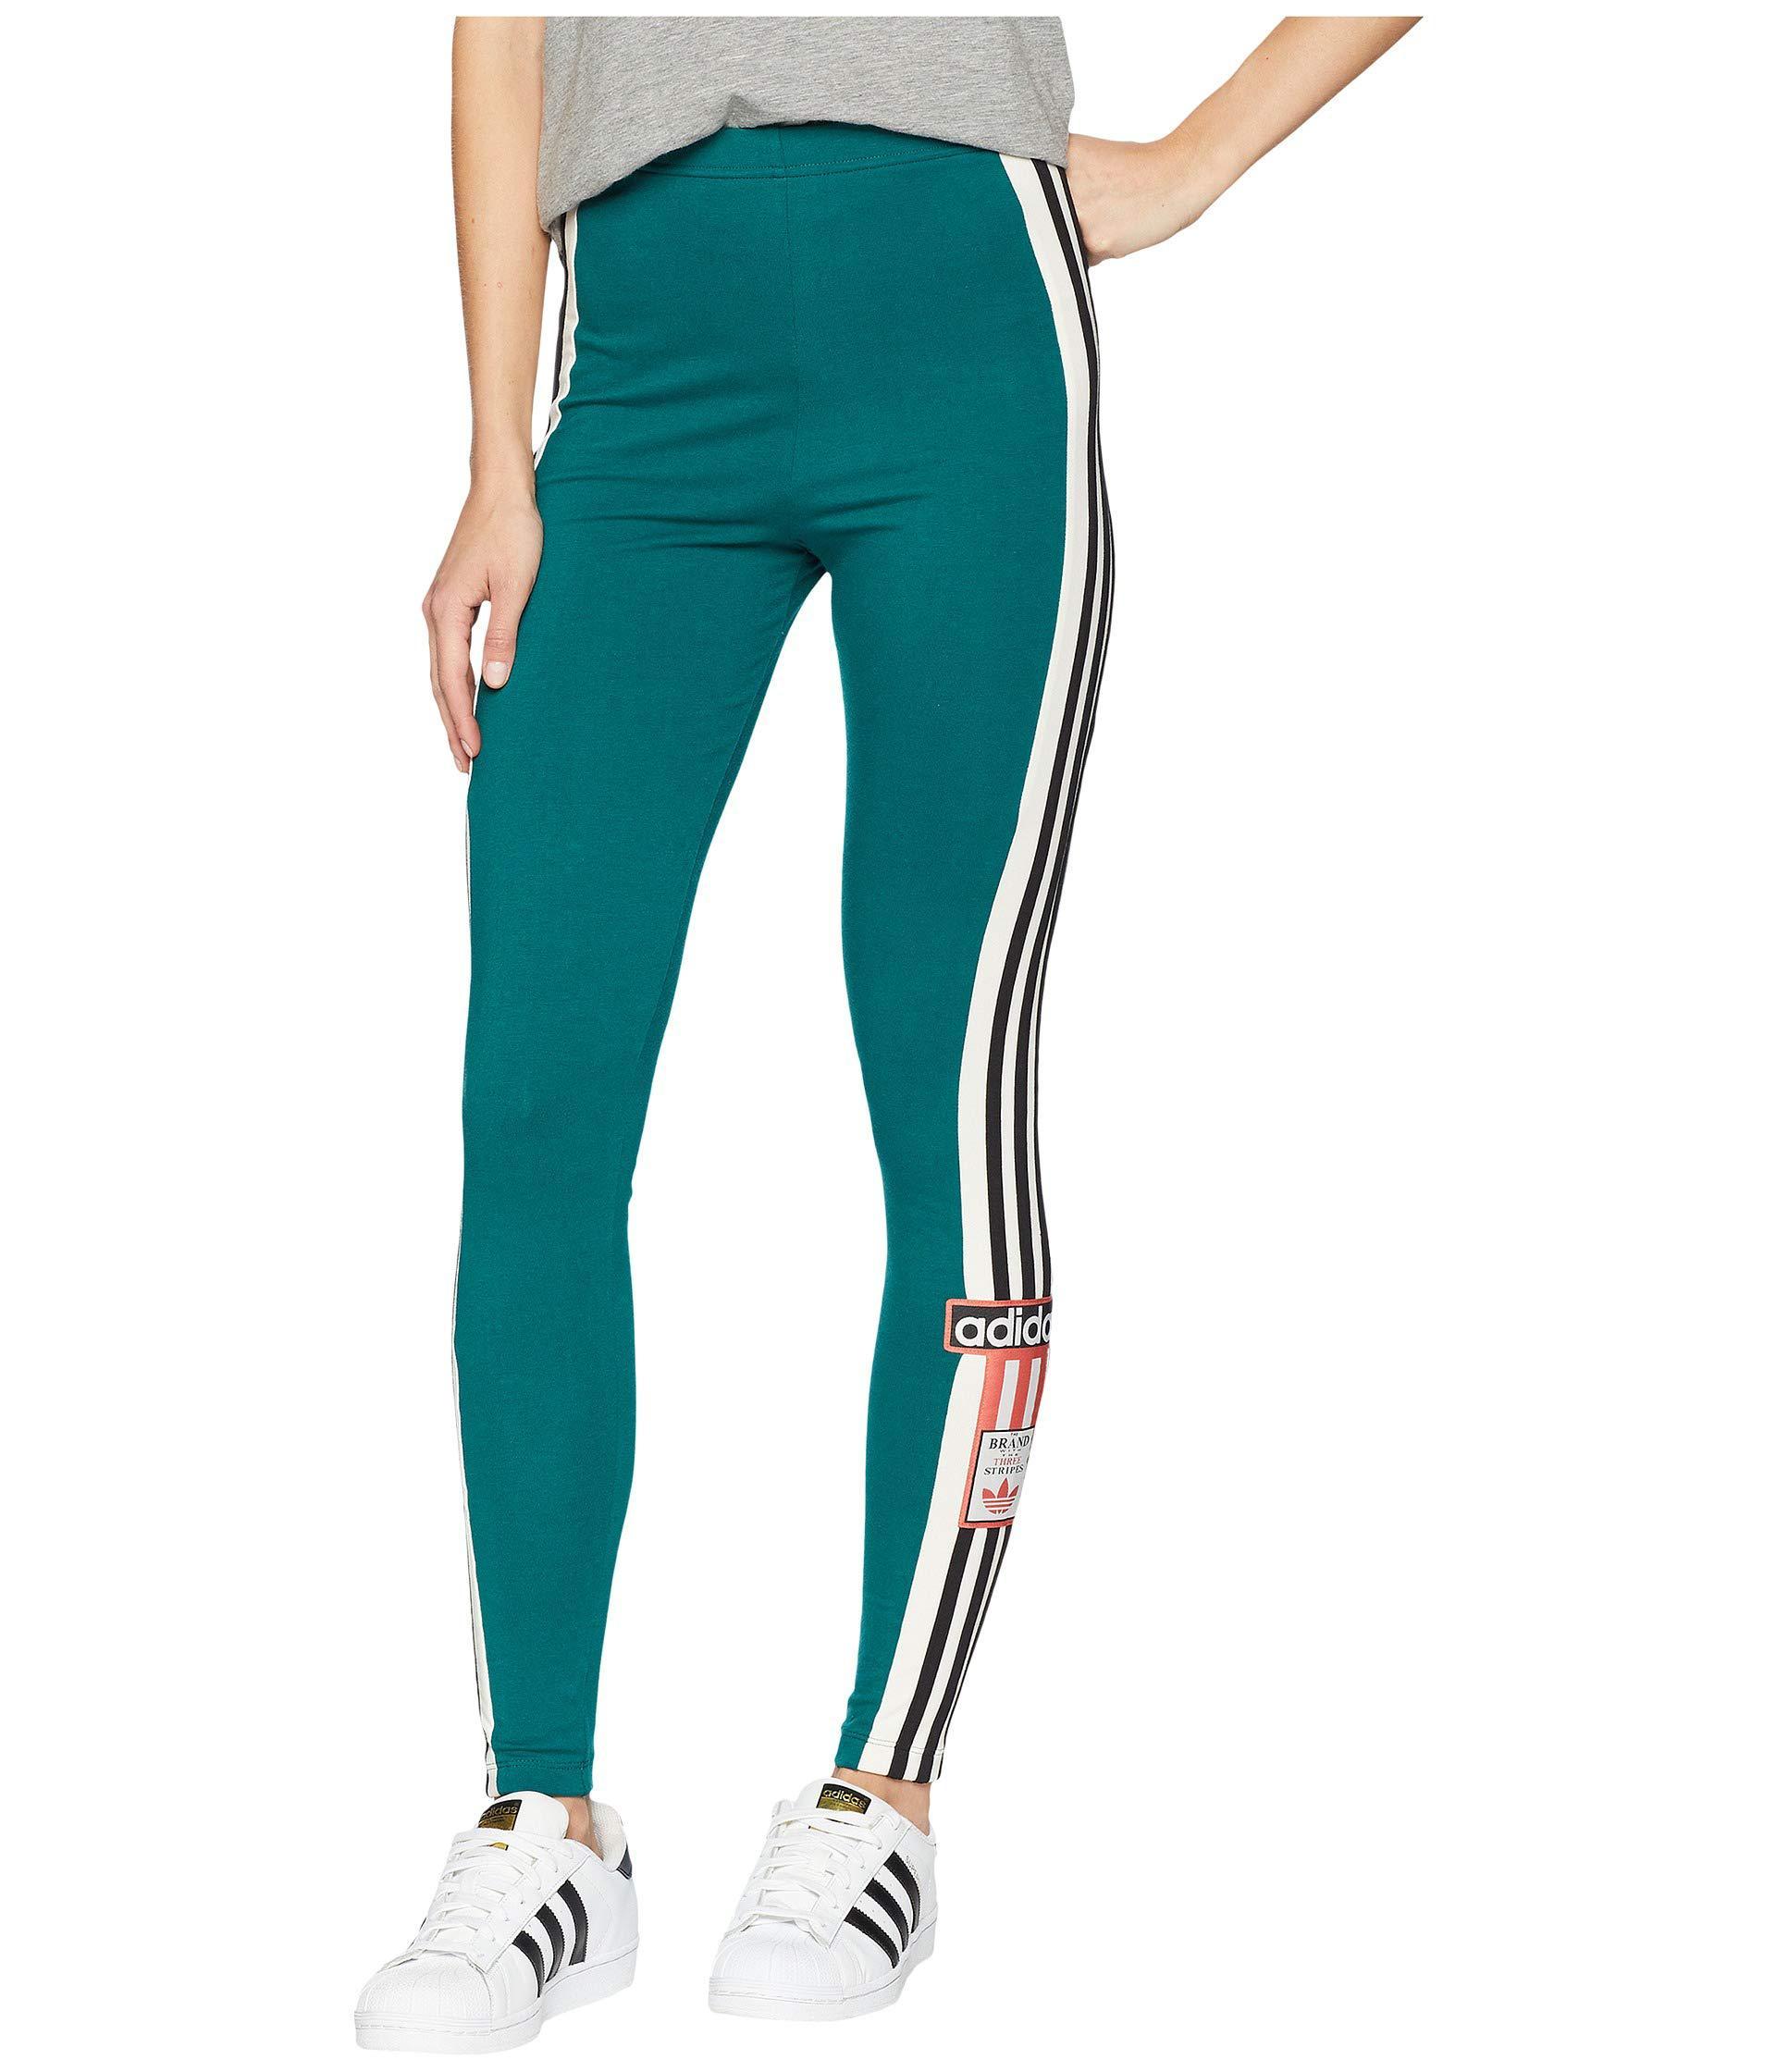 d179a1b9a82 adidas Originals Adibreak Leggings (noble Green) Women's Casual ...